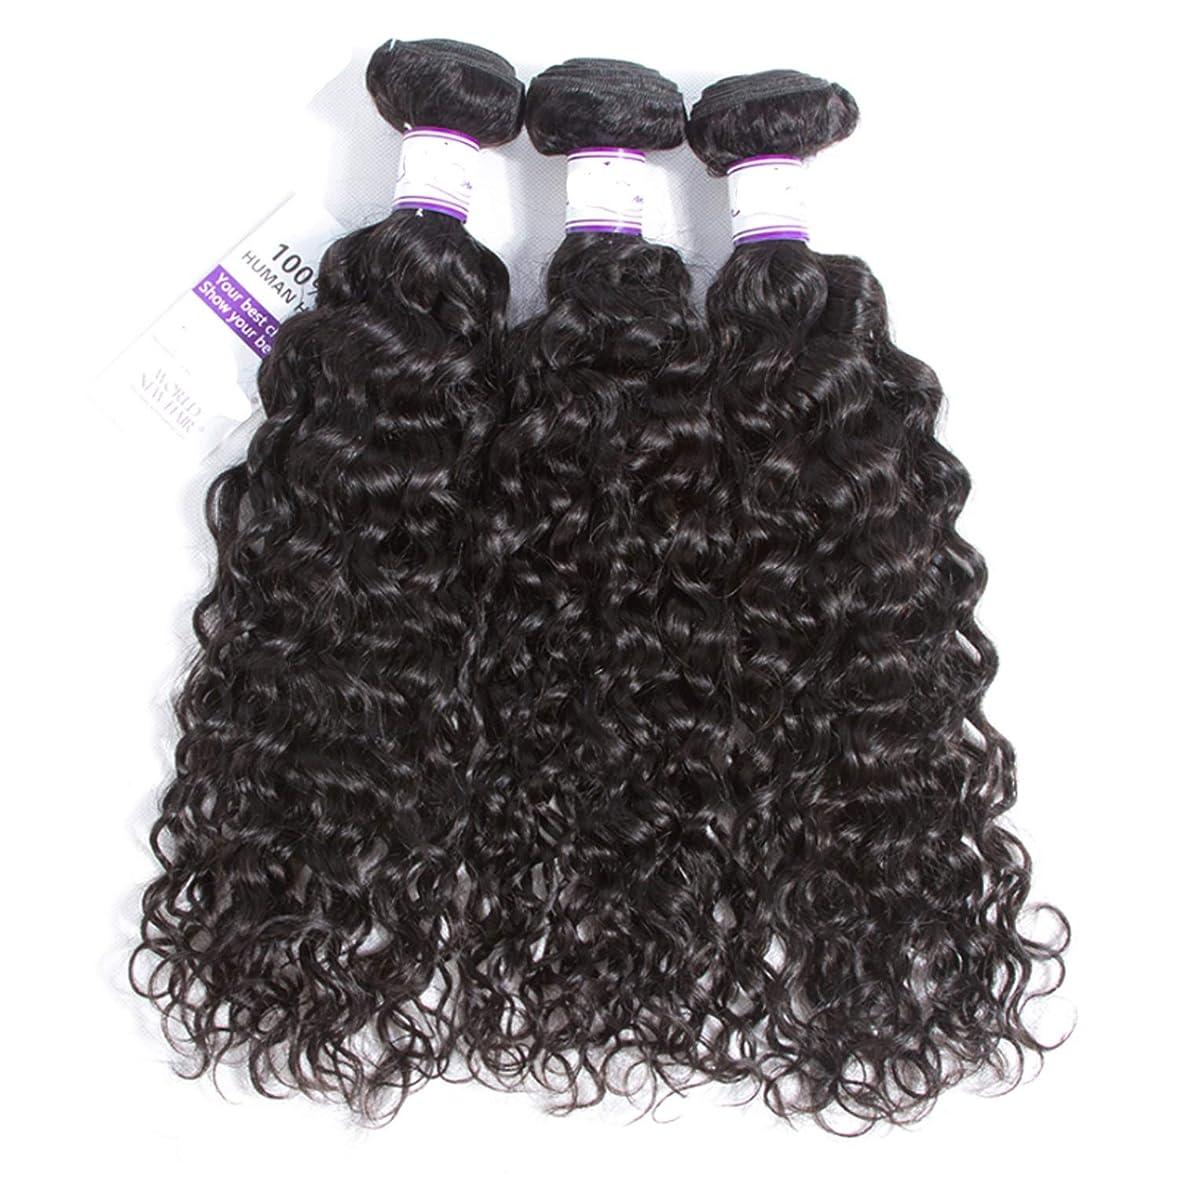 骨髄漂流モスヘアエクステンション マレーシアの水の波の髪3個ナチュラルブラック人間の髪の毛の束非レミーの毛延長8-28インチ (Length : 24 24 24)